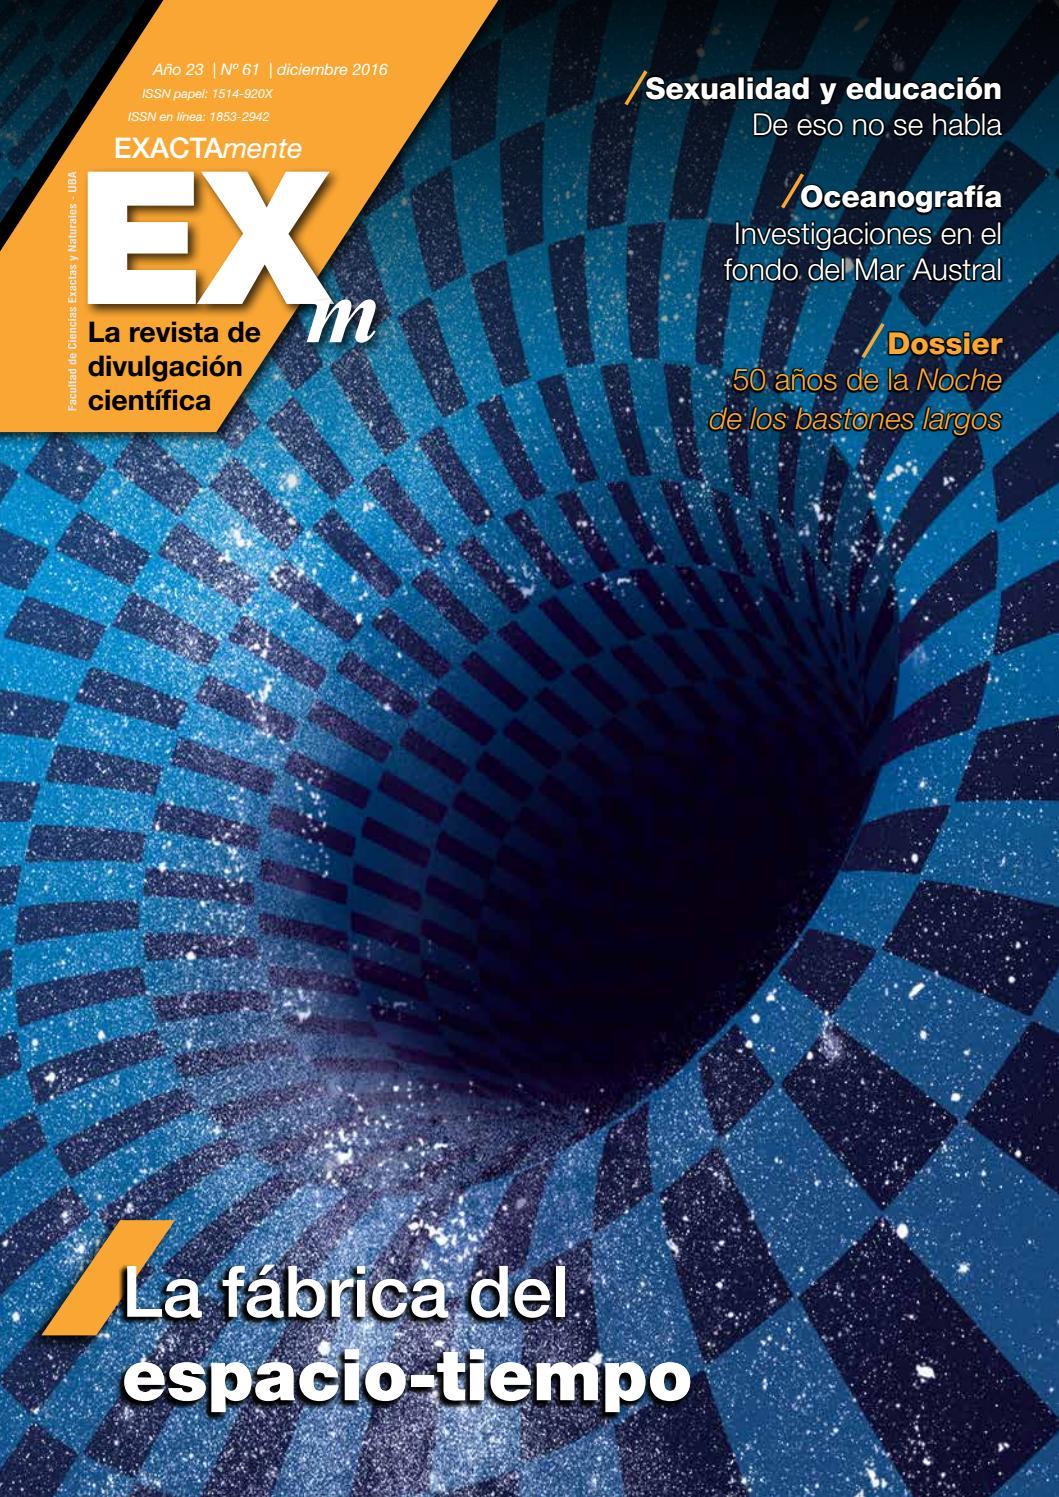 Revista EXACTAmente 61 by Exactas Comunicación - issuu